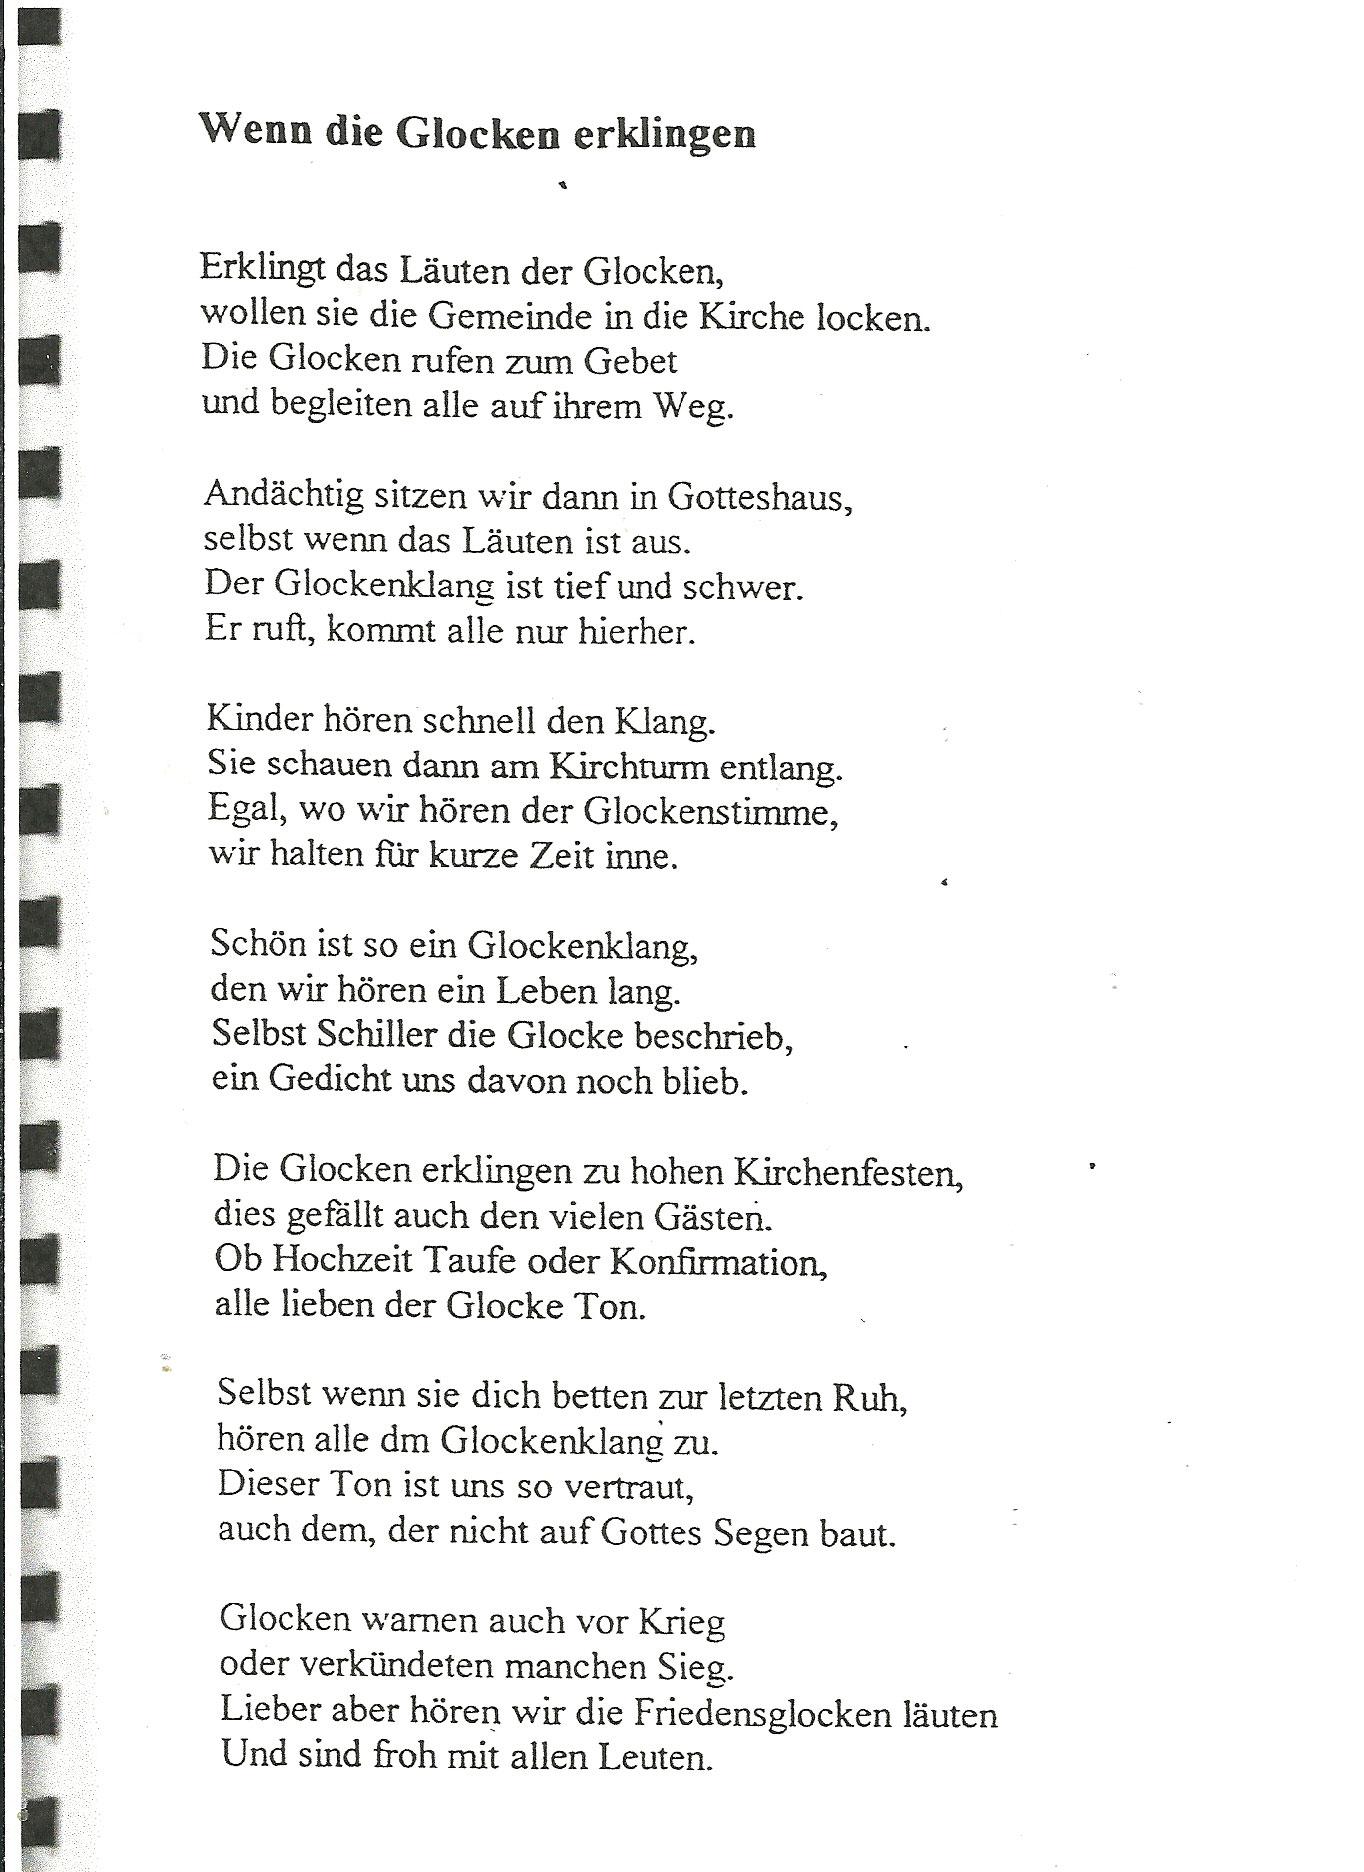 Gedicht von Heidrun Jordan